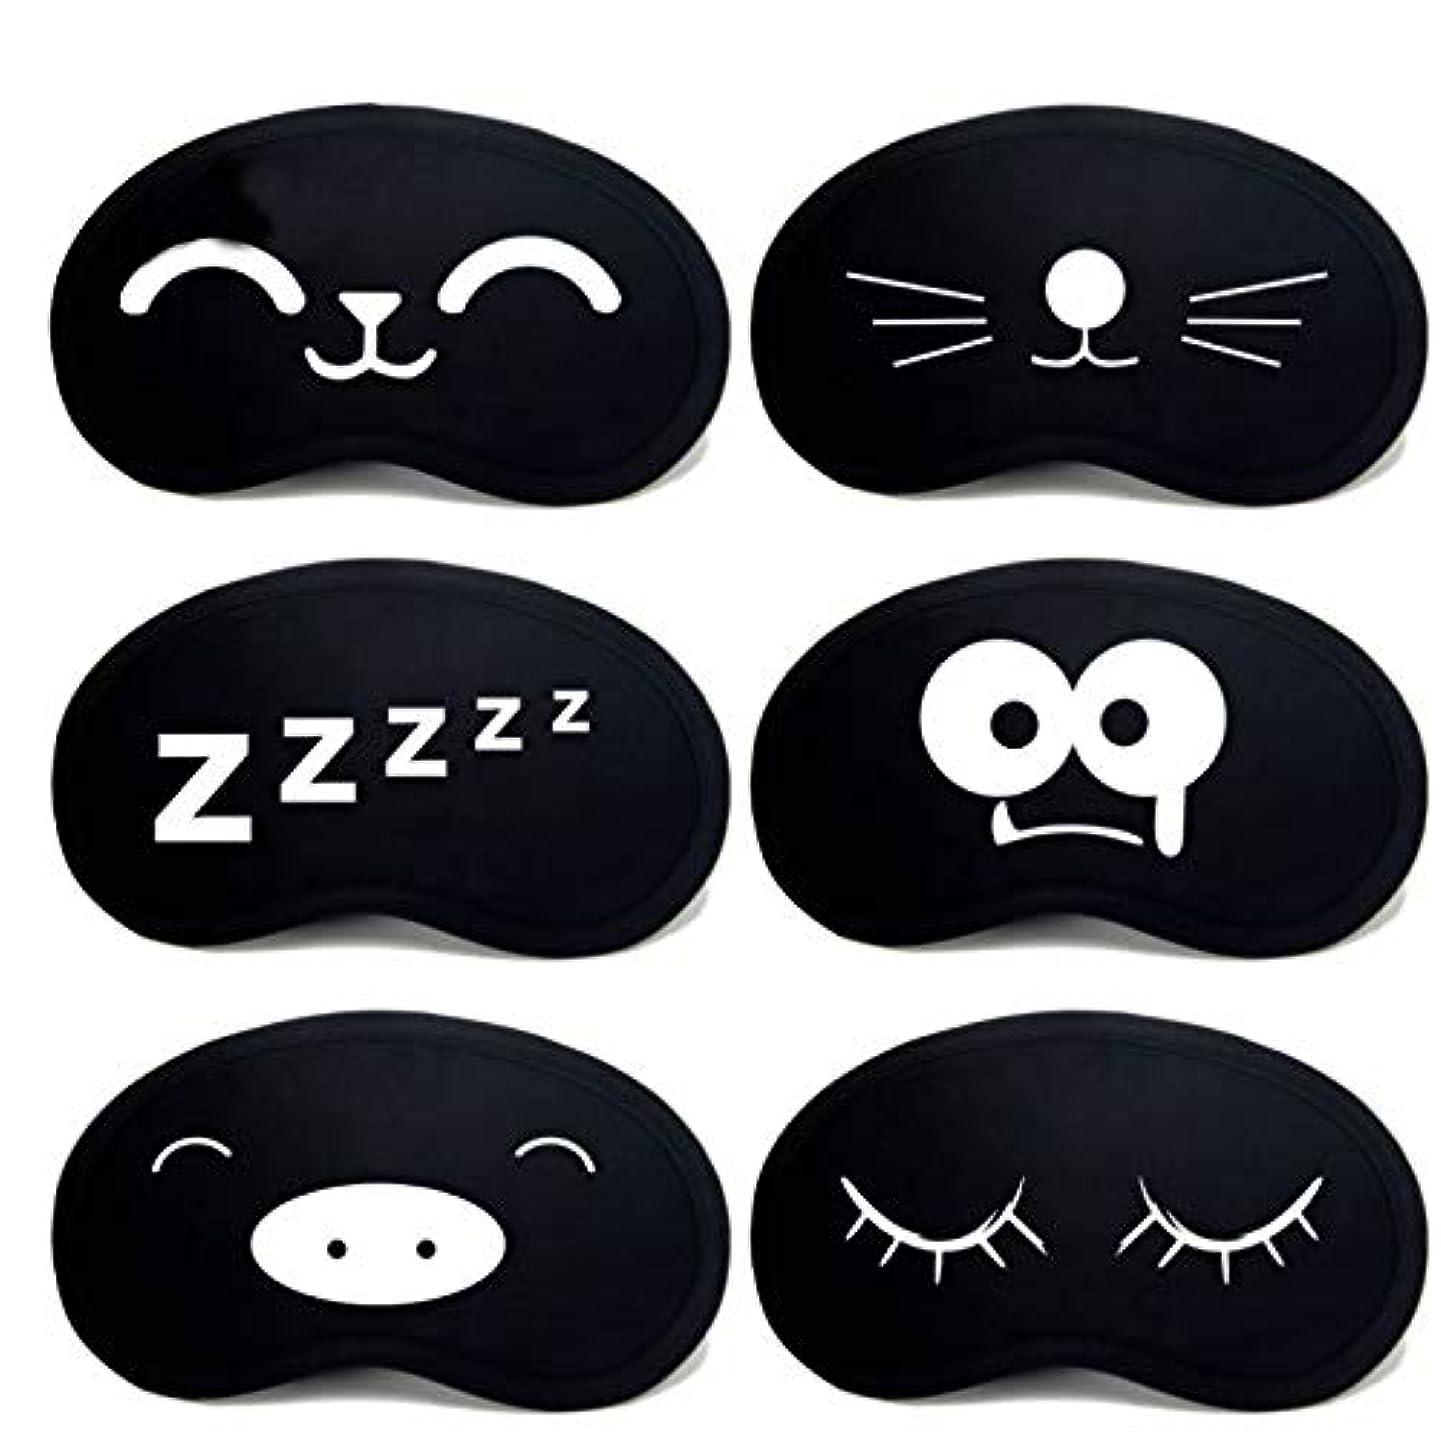 敗北研究所腹痛注面白いProtable素敵な睡眠アイマスクソフトパッド入り睡眠旅行シェードカバー残りリラックス睡眠目隠し